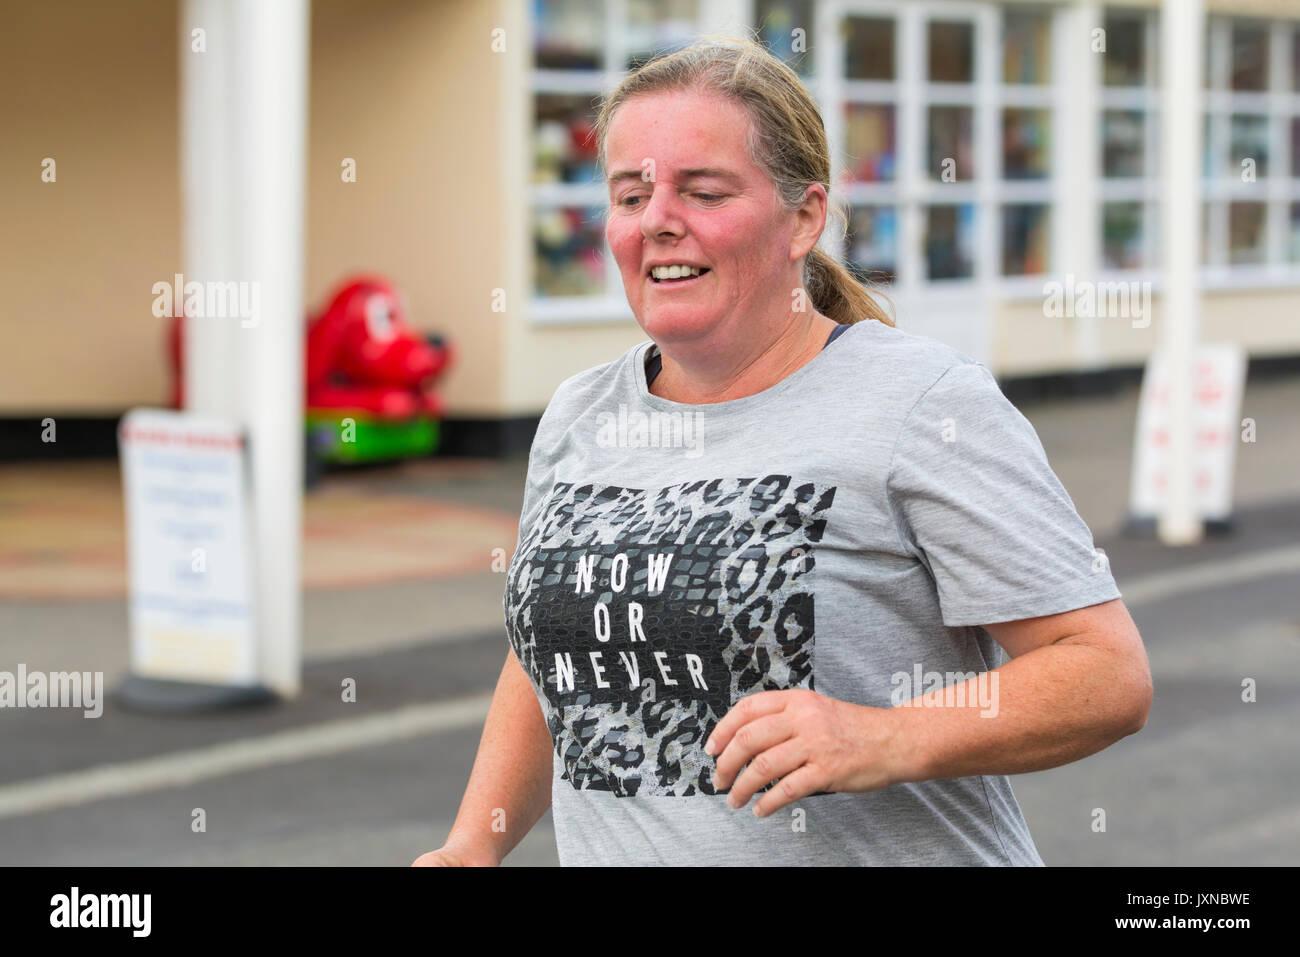 Im mittleren Alter übergewichtig Frau Ausführung als Teil des Plans, um Gewicht zu verlieren und fit, am Worthing Vitalität Parkrun Ereignis. Stockbild